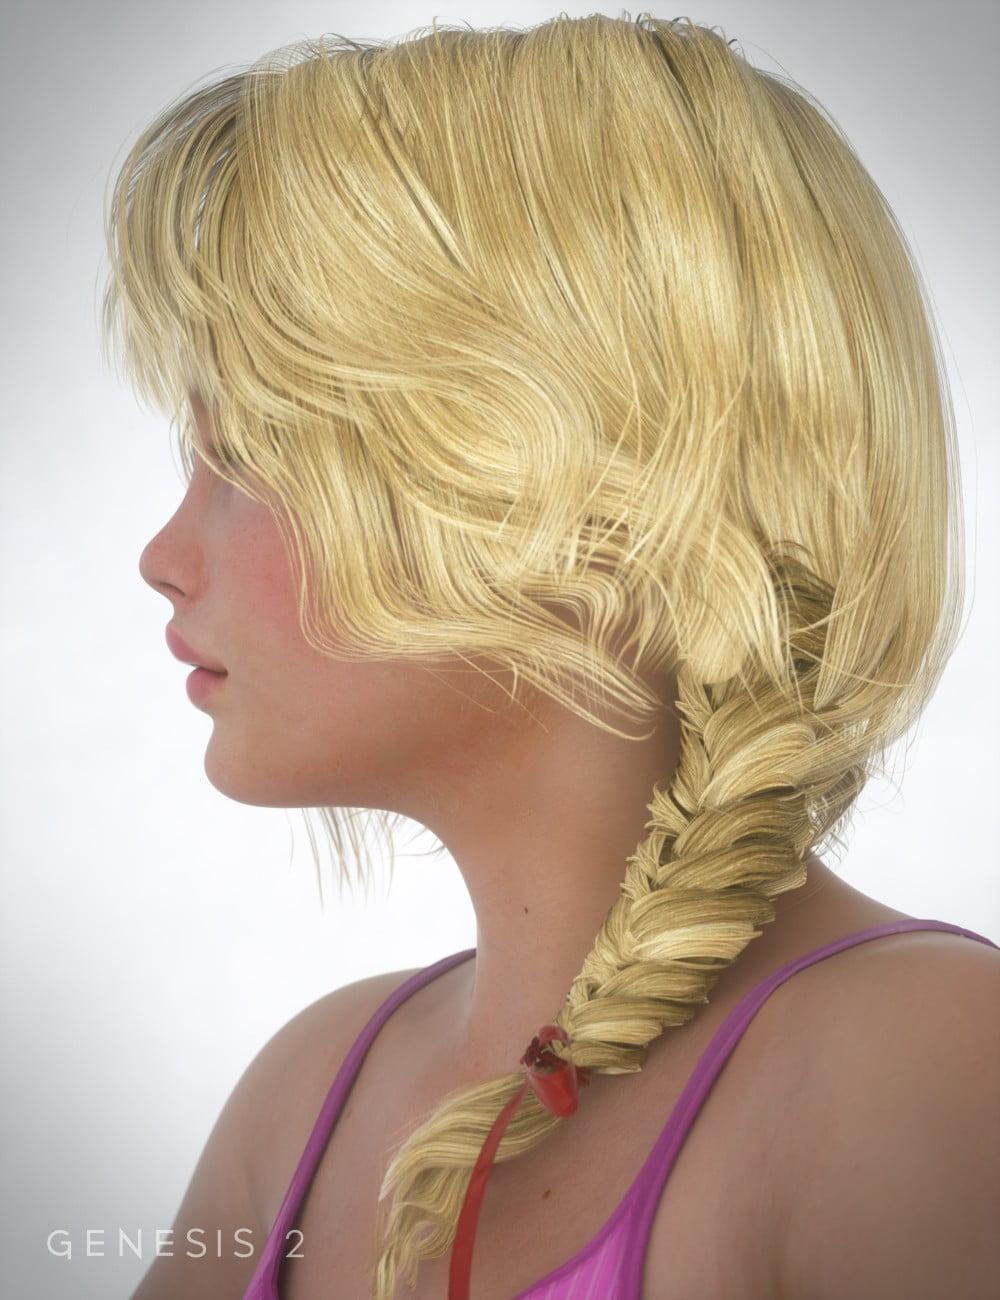 02-daz3d_birthday-girl-hair-for-genesis-2-female_s